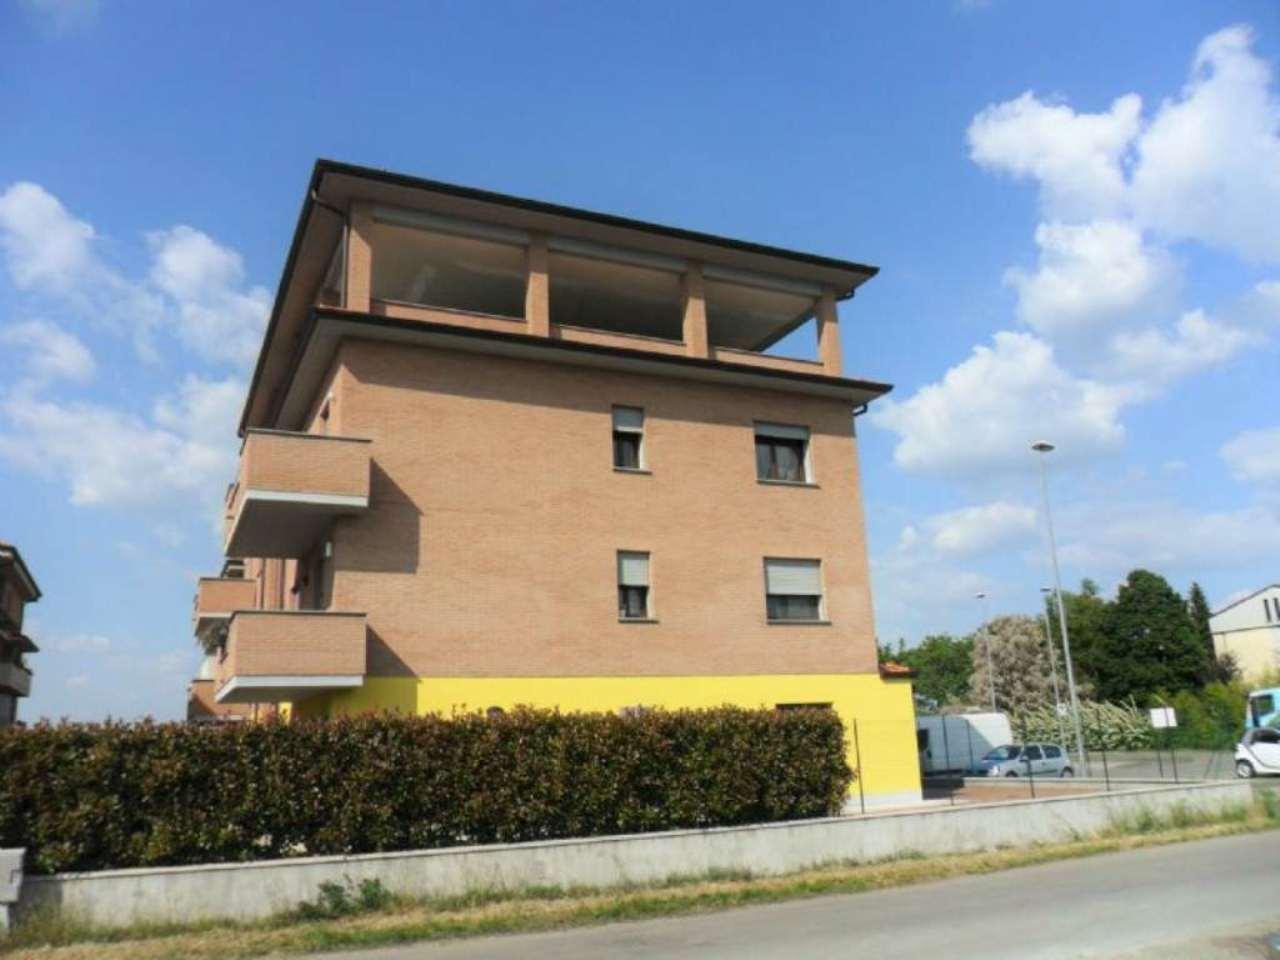 Attico / Mansarda in vendita a Parma, 3 locali, prezzo € 240.000   Cambio Casa.it